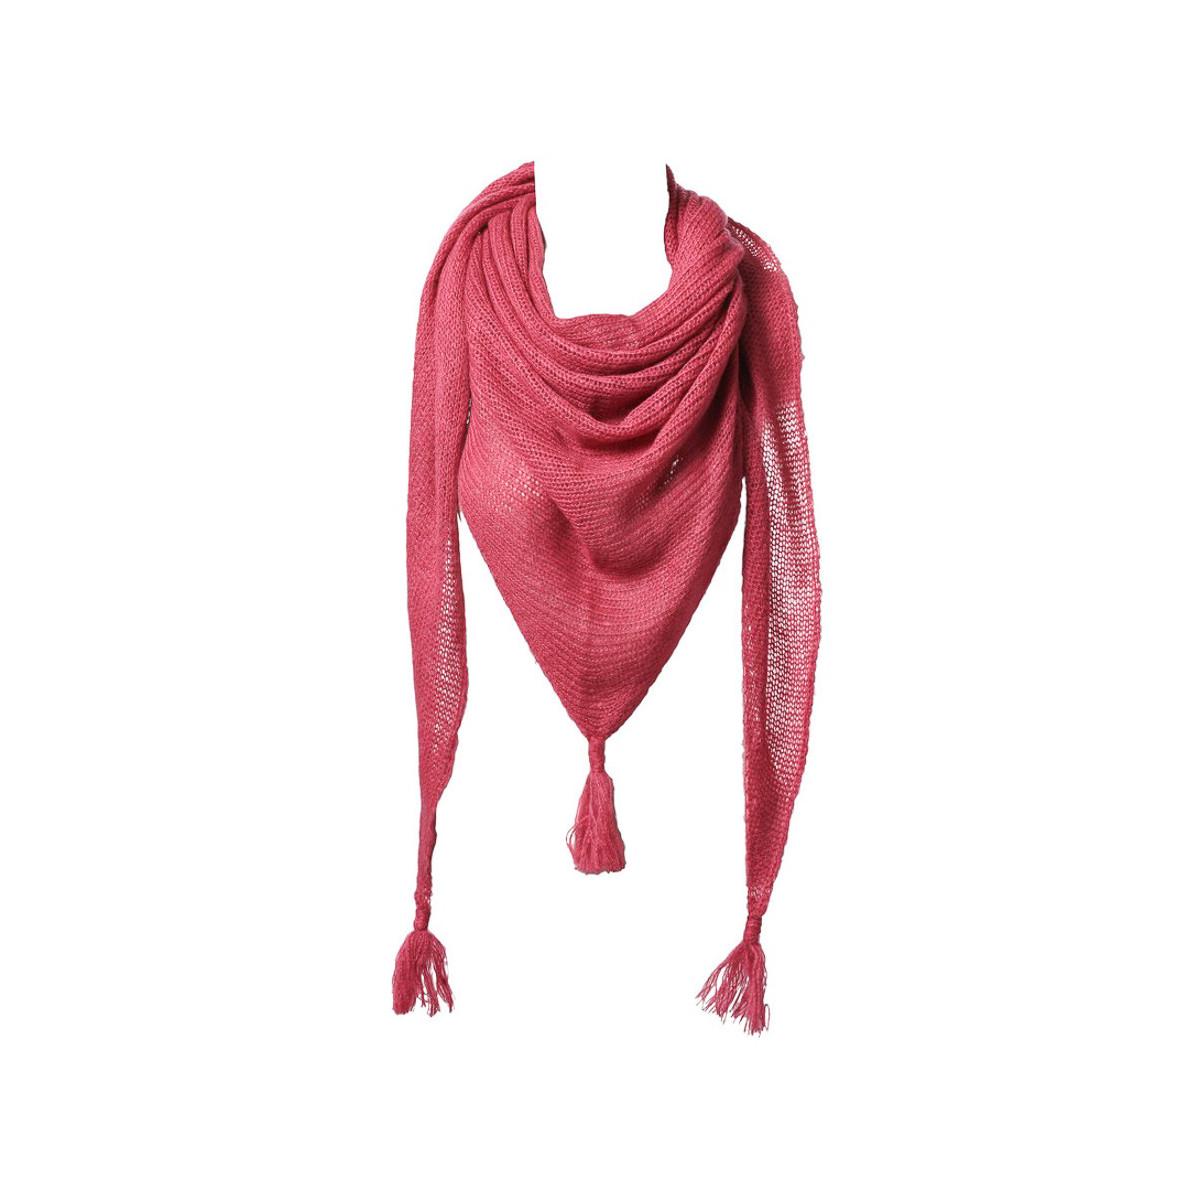 Etole echarpe triangle laine rose framboise